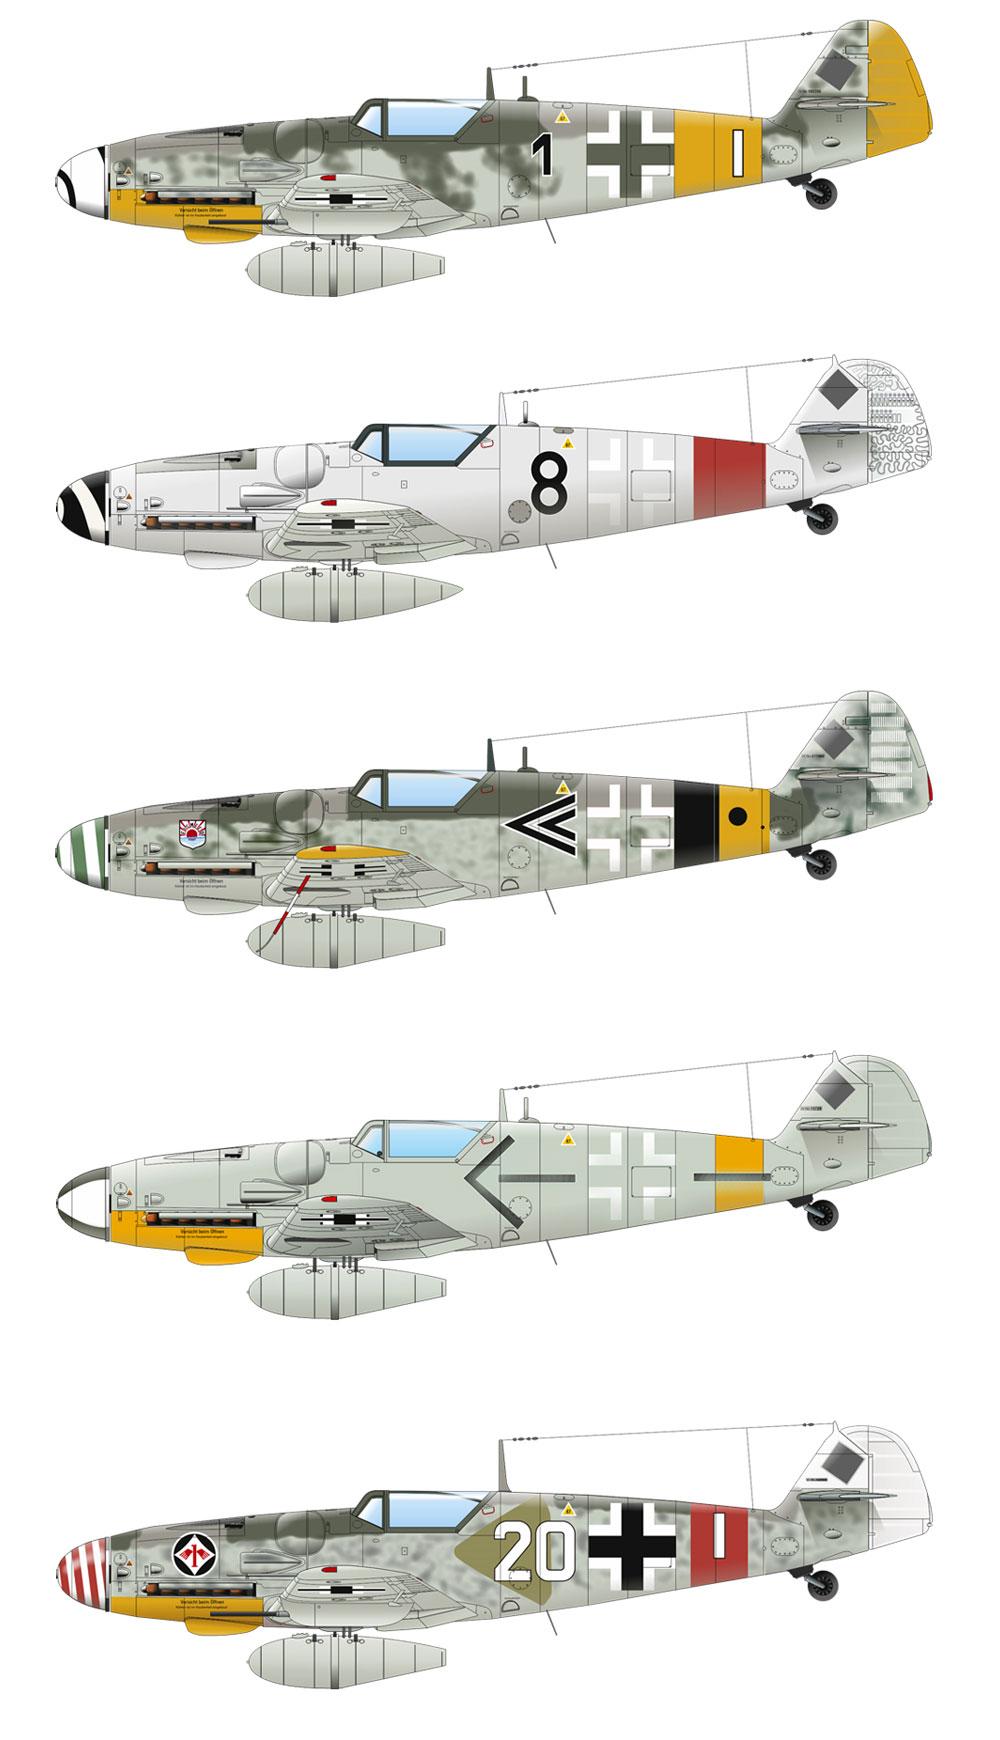 メッサーシュミット Bf109G-6 後期型プラモデル(エデュアルド1/48 プロフィパックNo.82111)商品画像_2